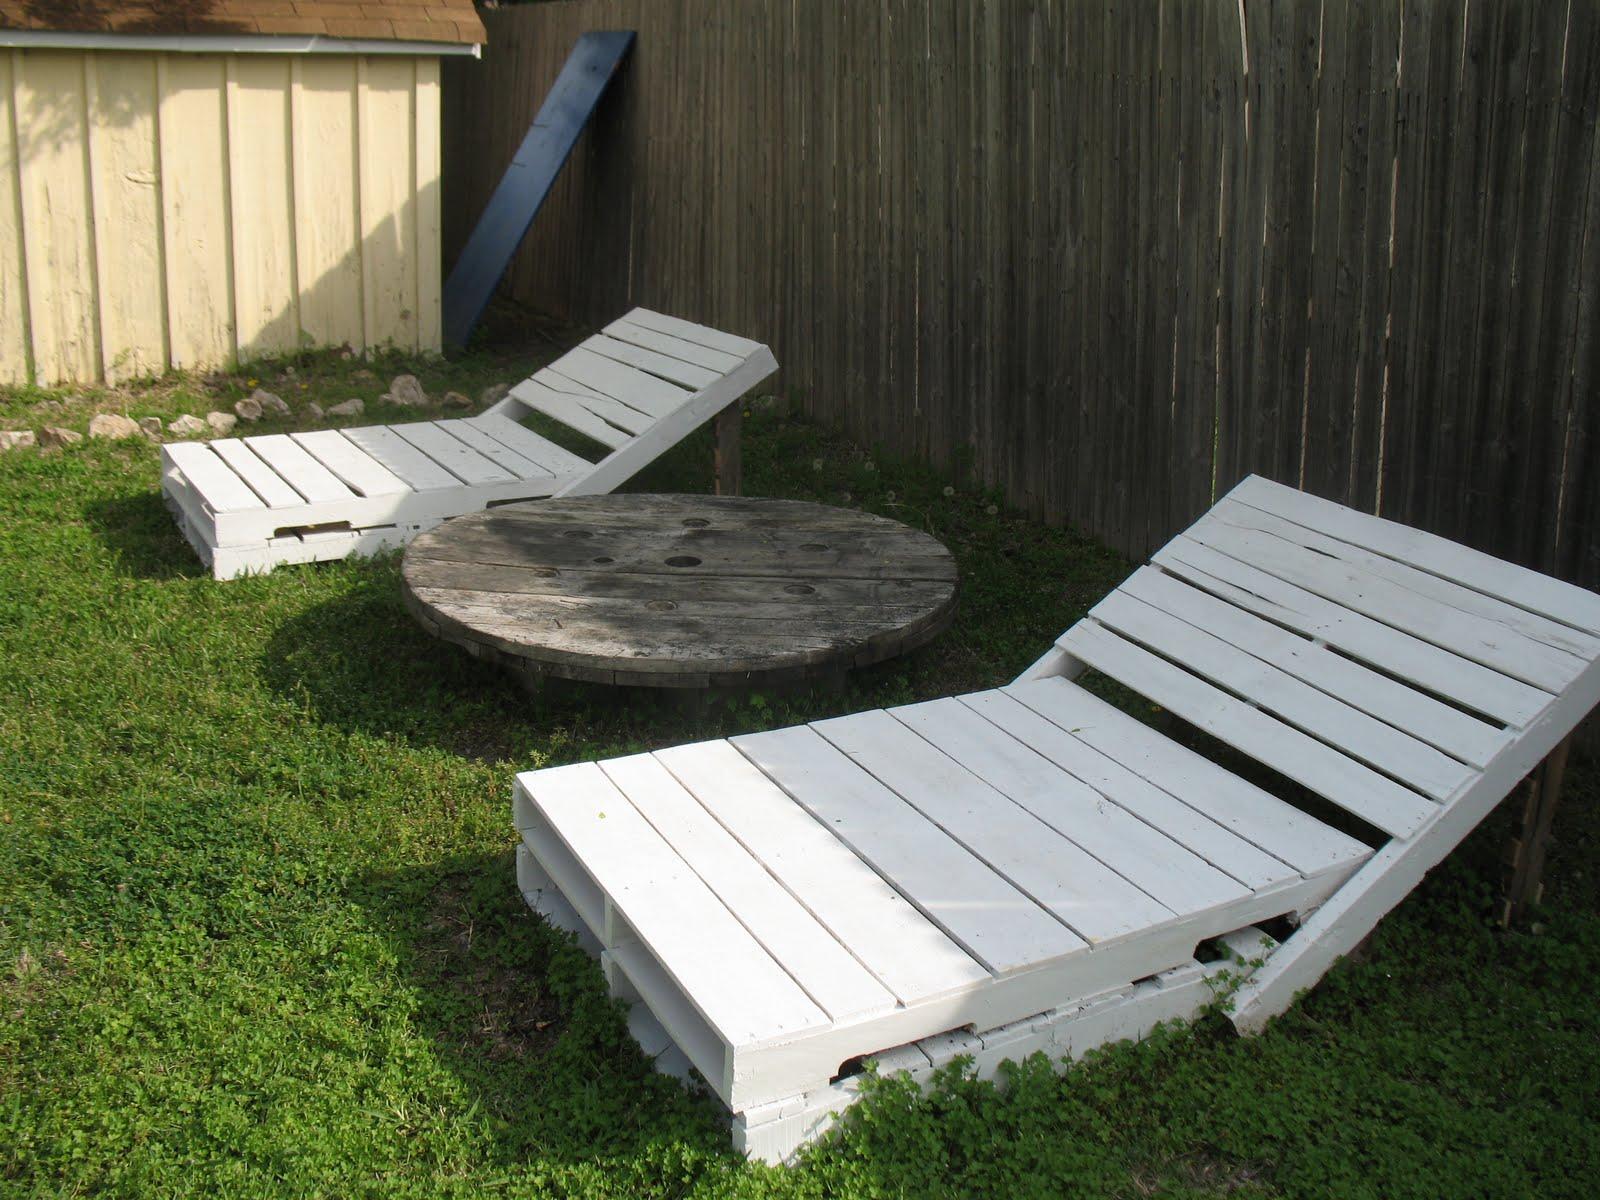 Terrasse En Palette Duree De Vie 5 idées pour recycler des palettes en bois dans son jardin